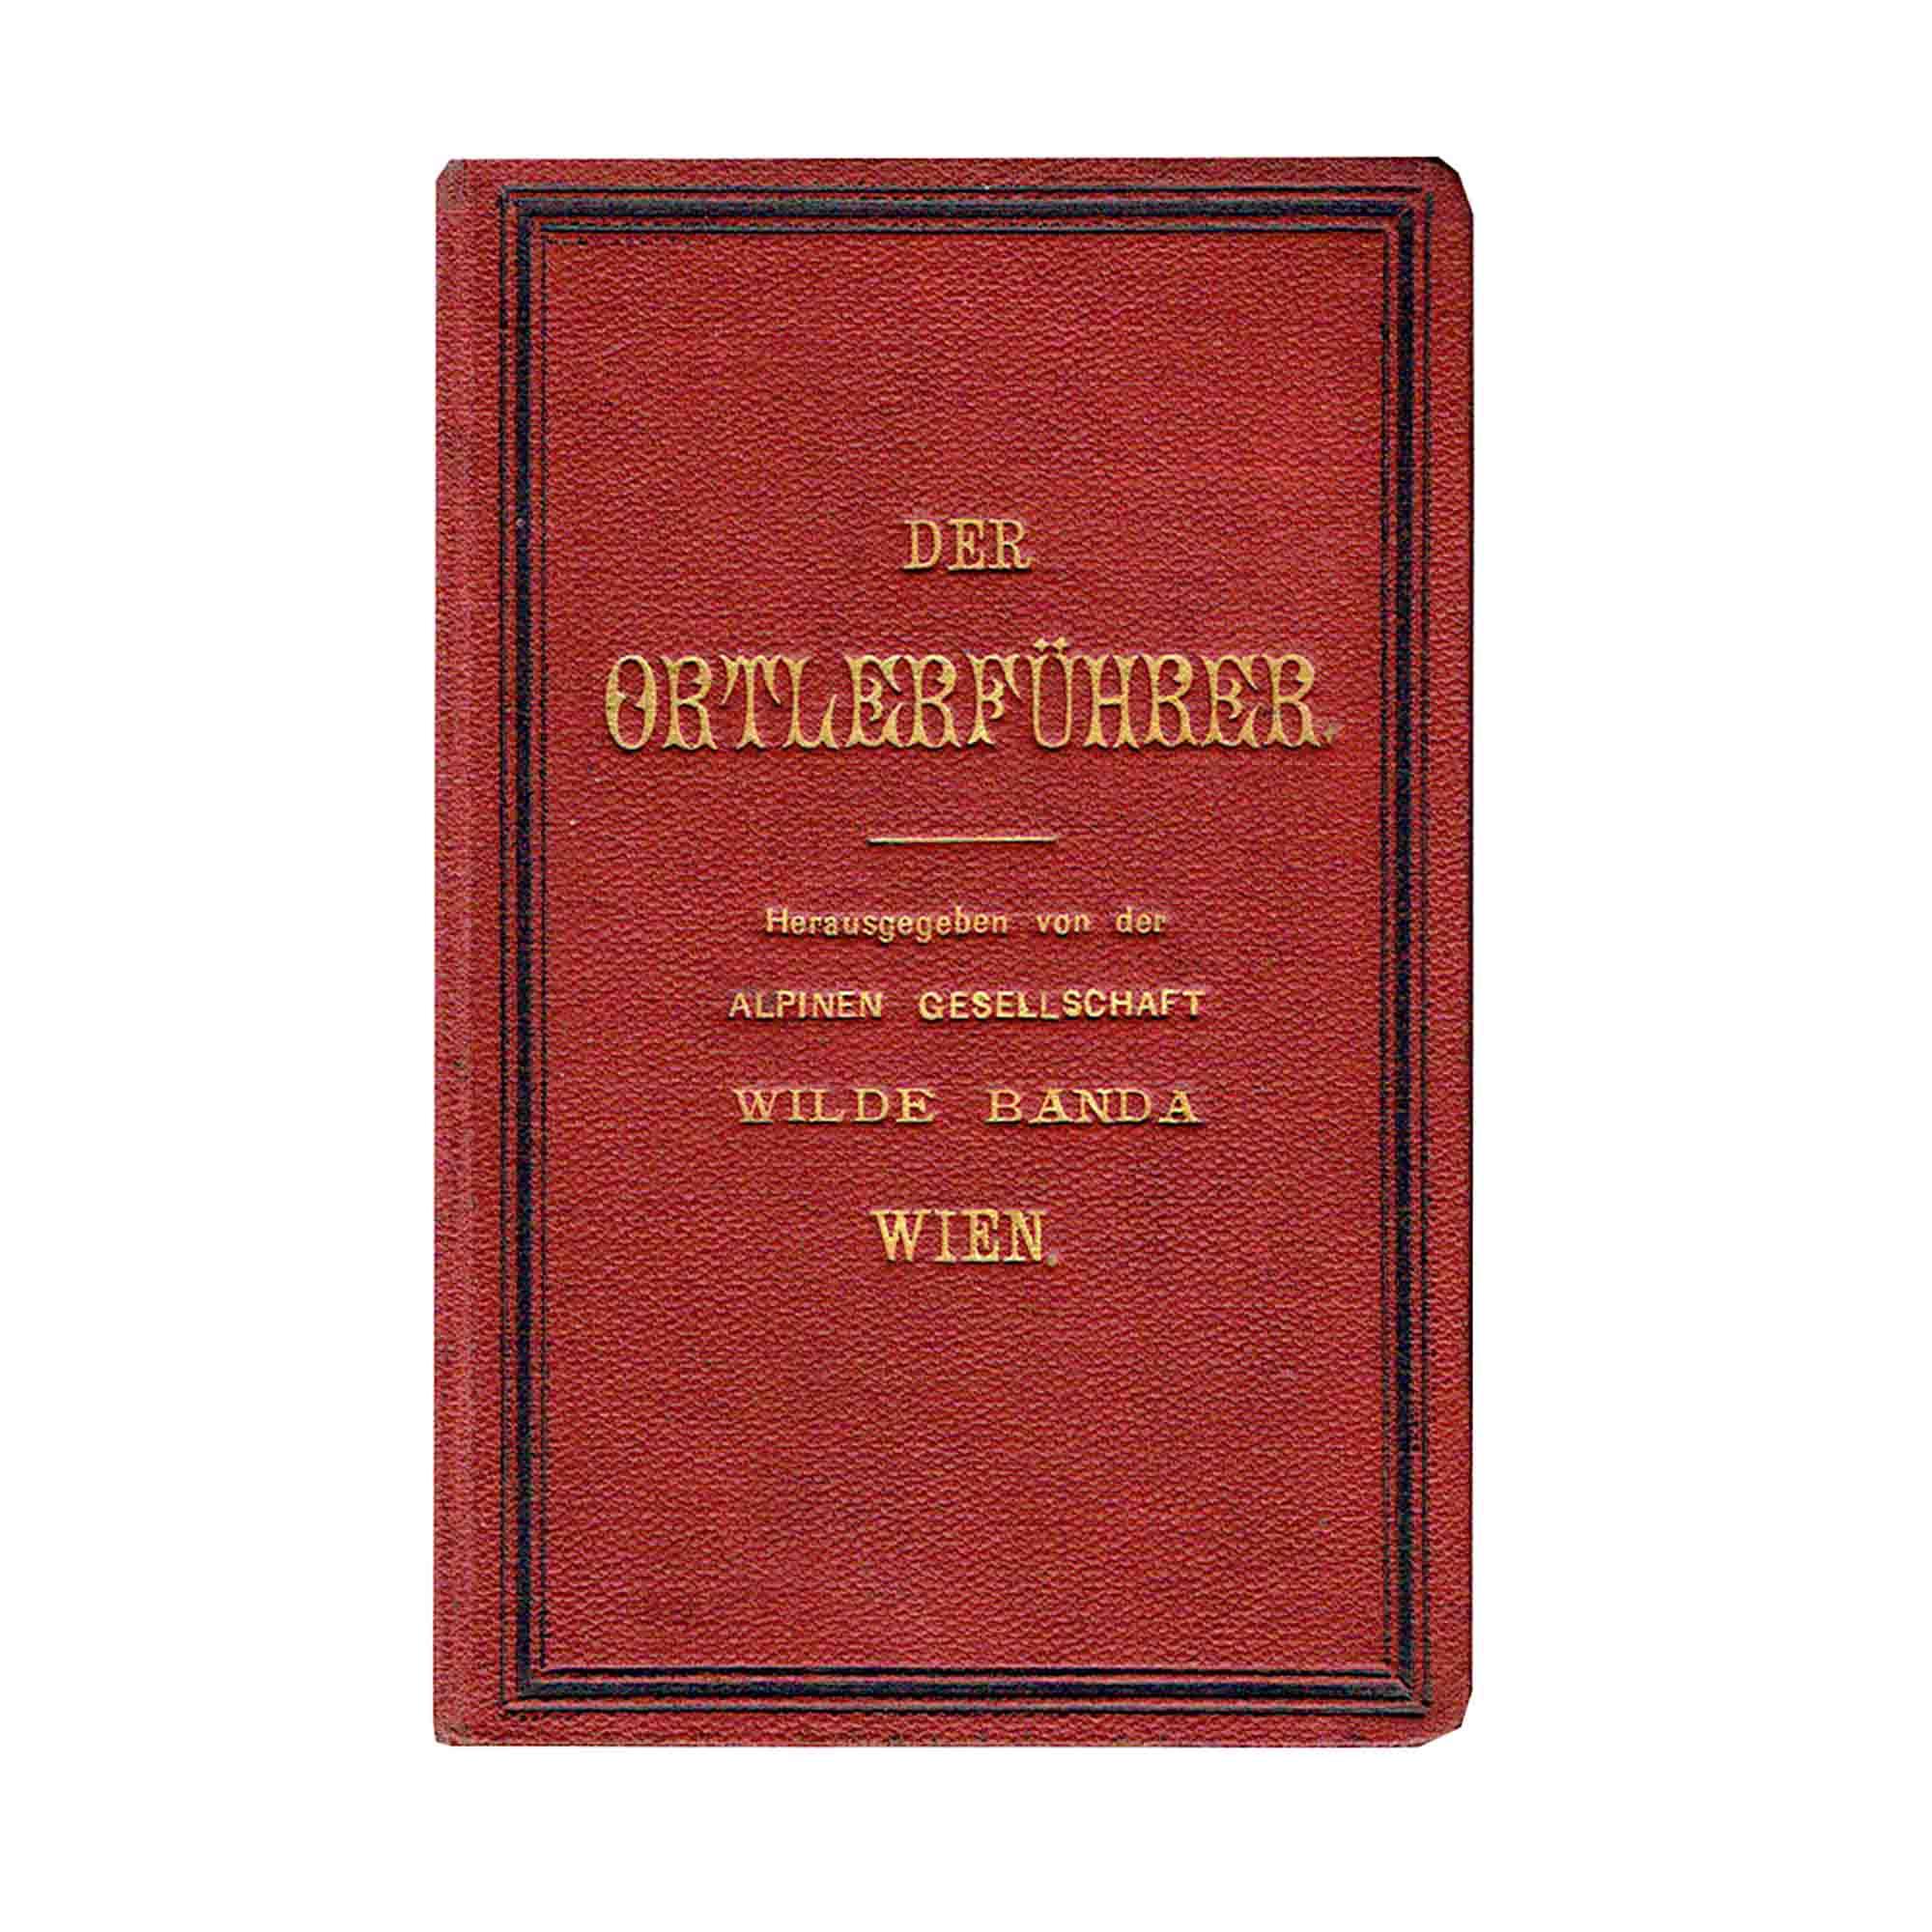 5420-Ortler-Fuehrer-1876-Einband-frei-N.jpg